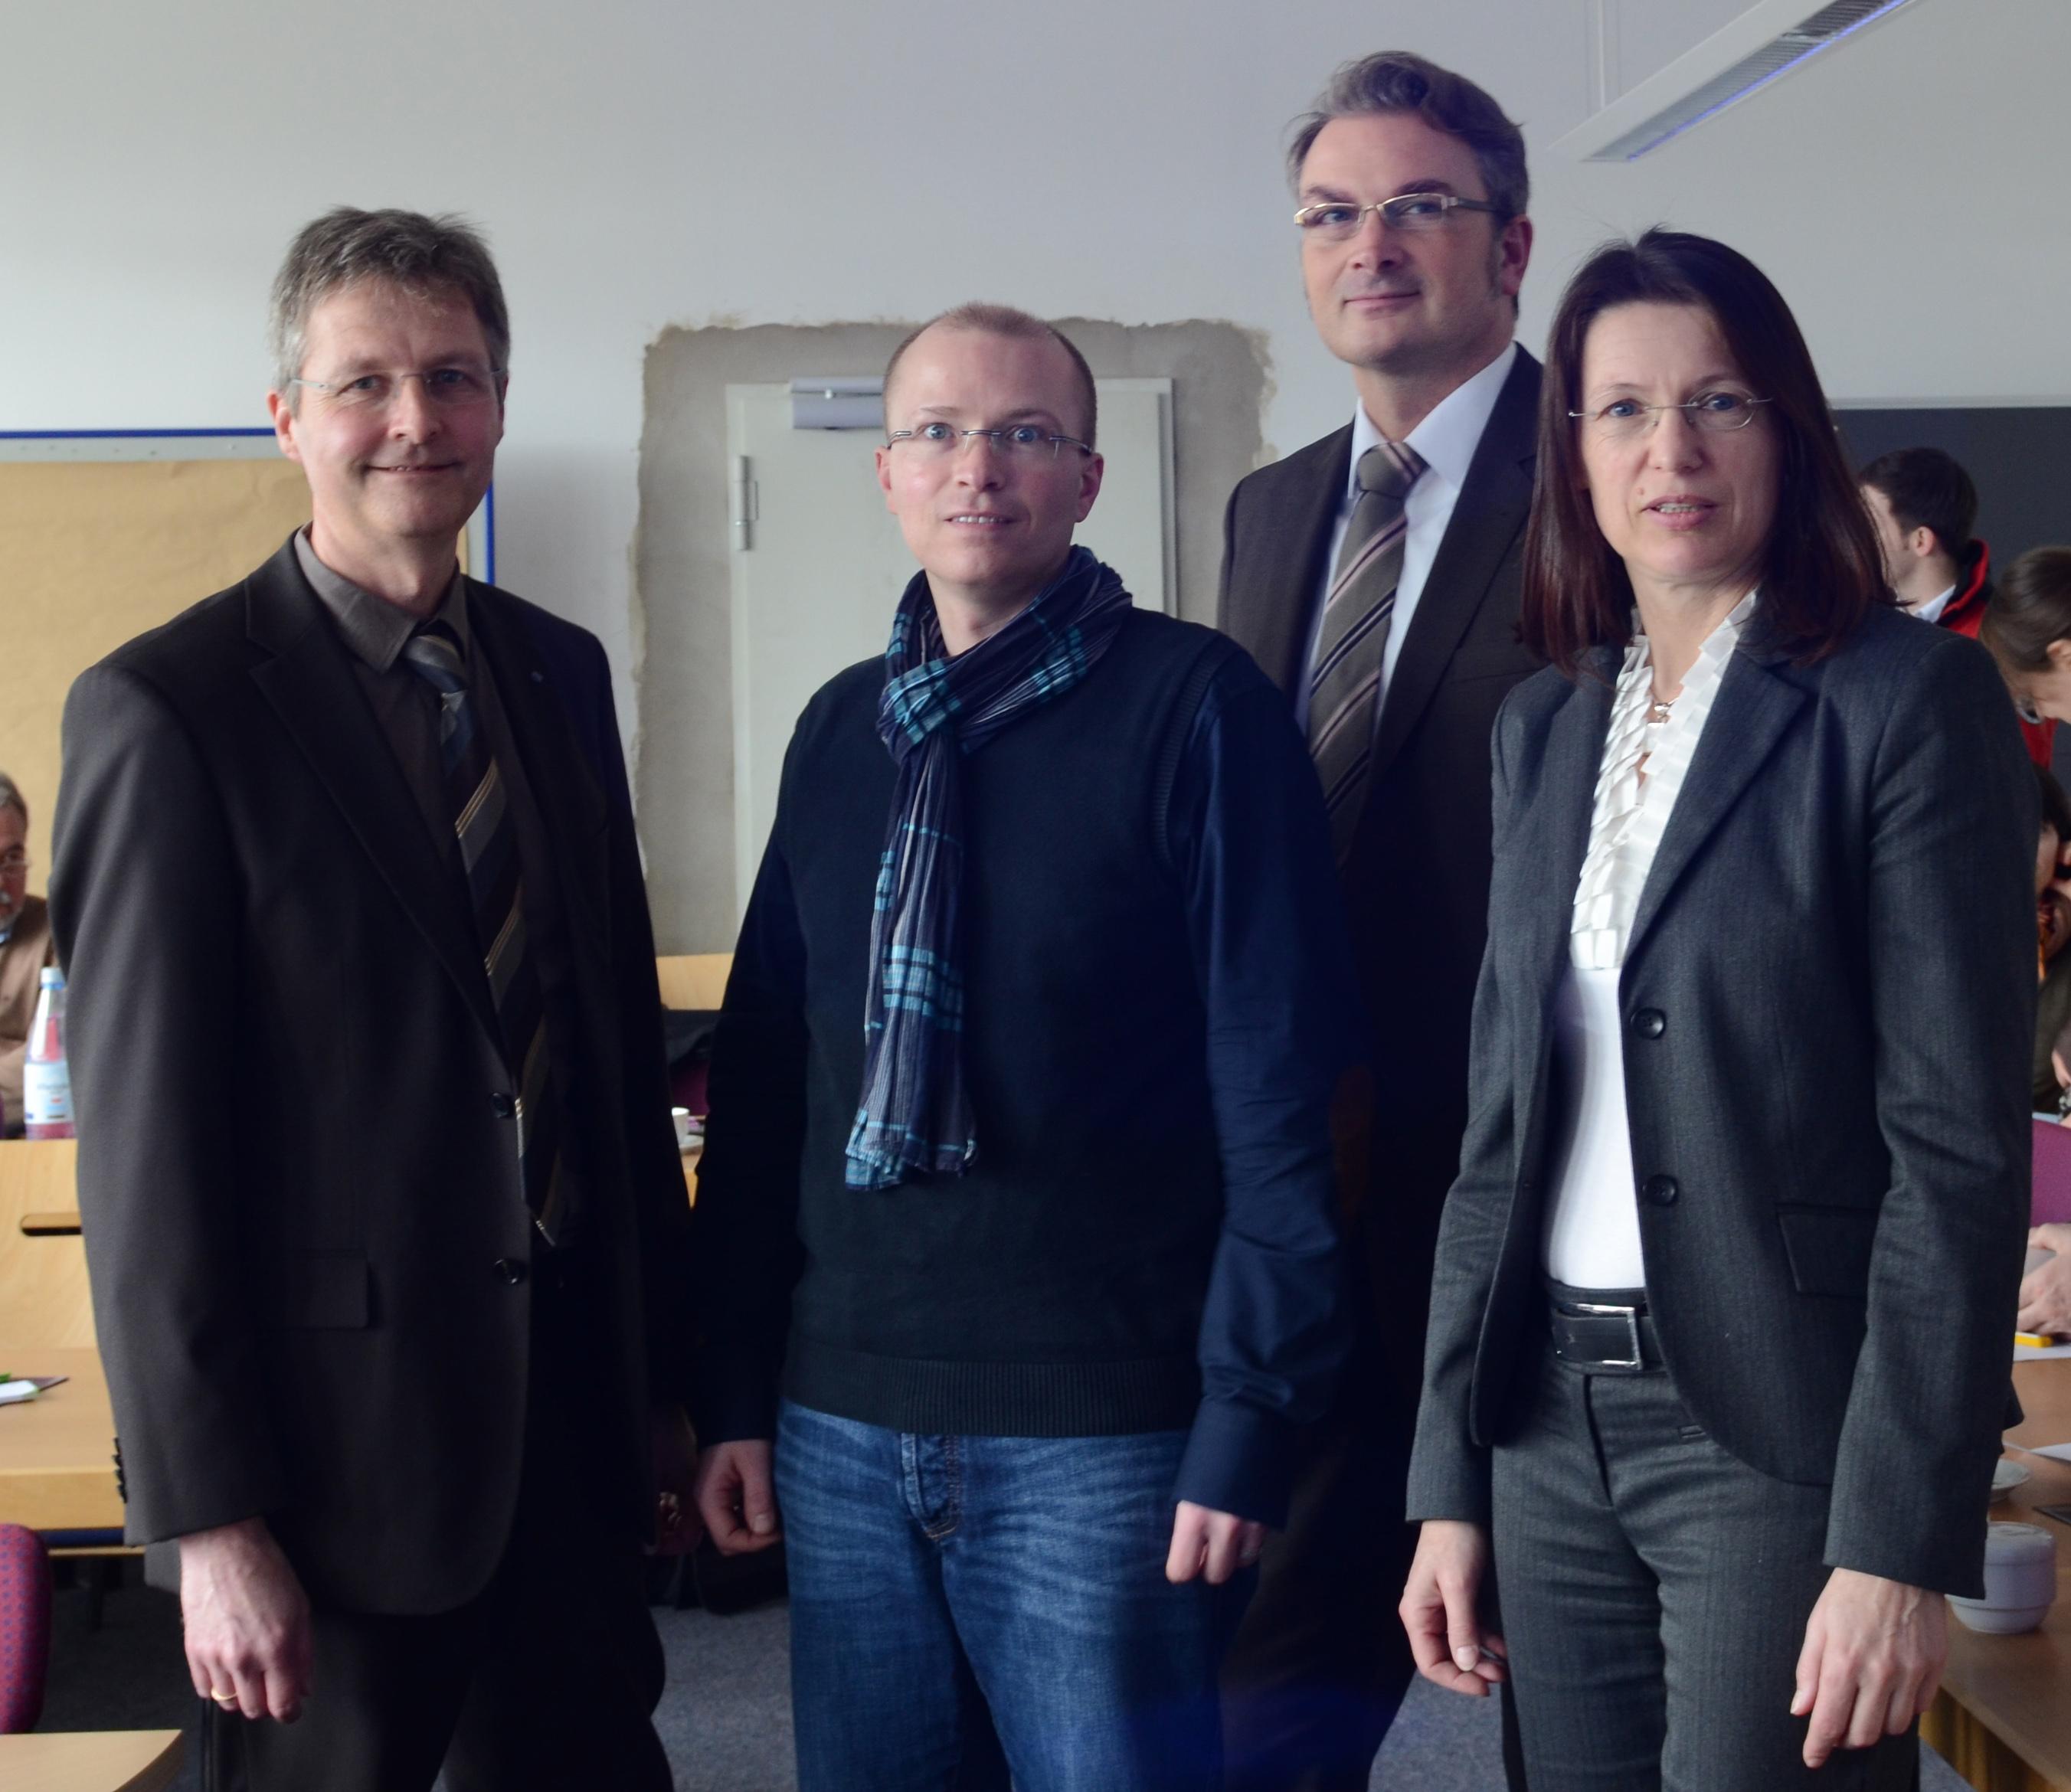 Beate Kolkmann, Dr. Markus Grube, Dipl.-Ing. Kolja Knof, Prof. Dr. Guido Ritter